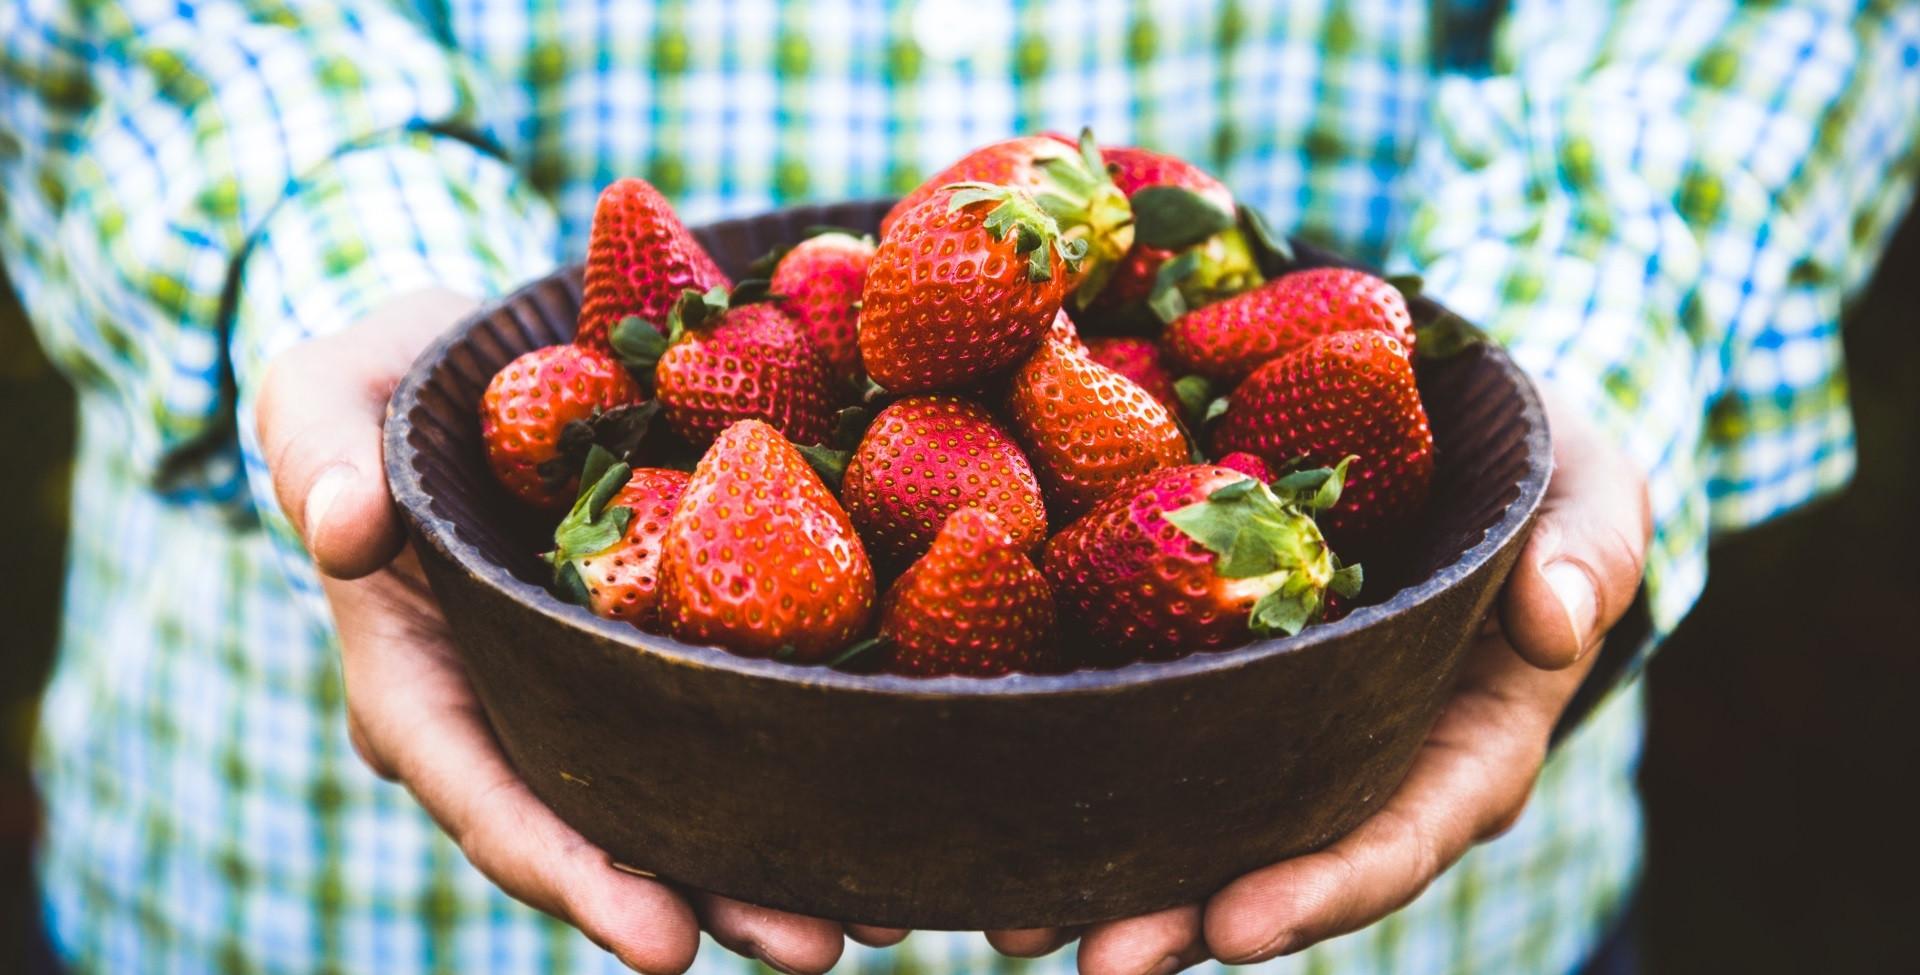 βιολογικές φράουλες - πλούσιες σε βιταμίνη c